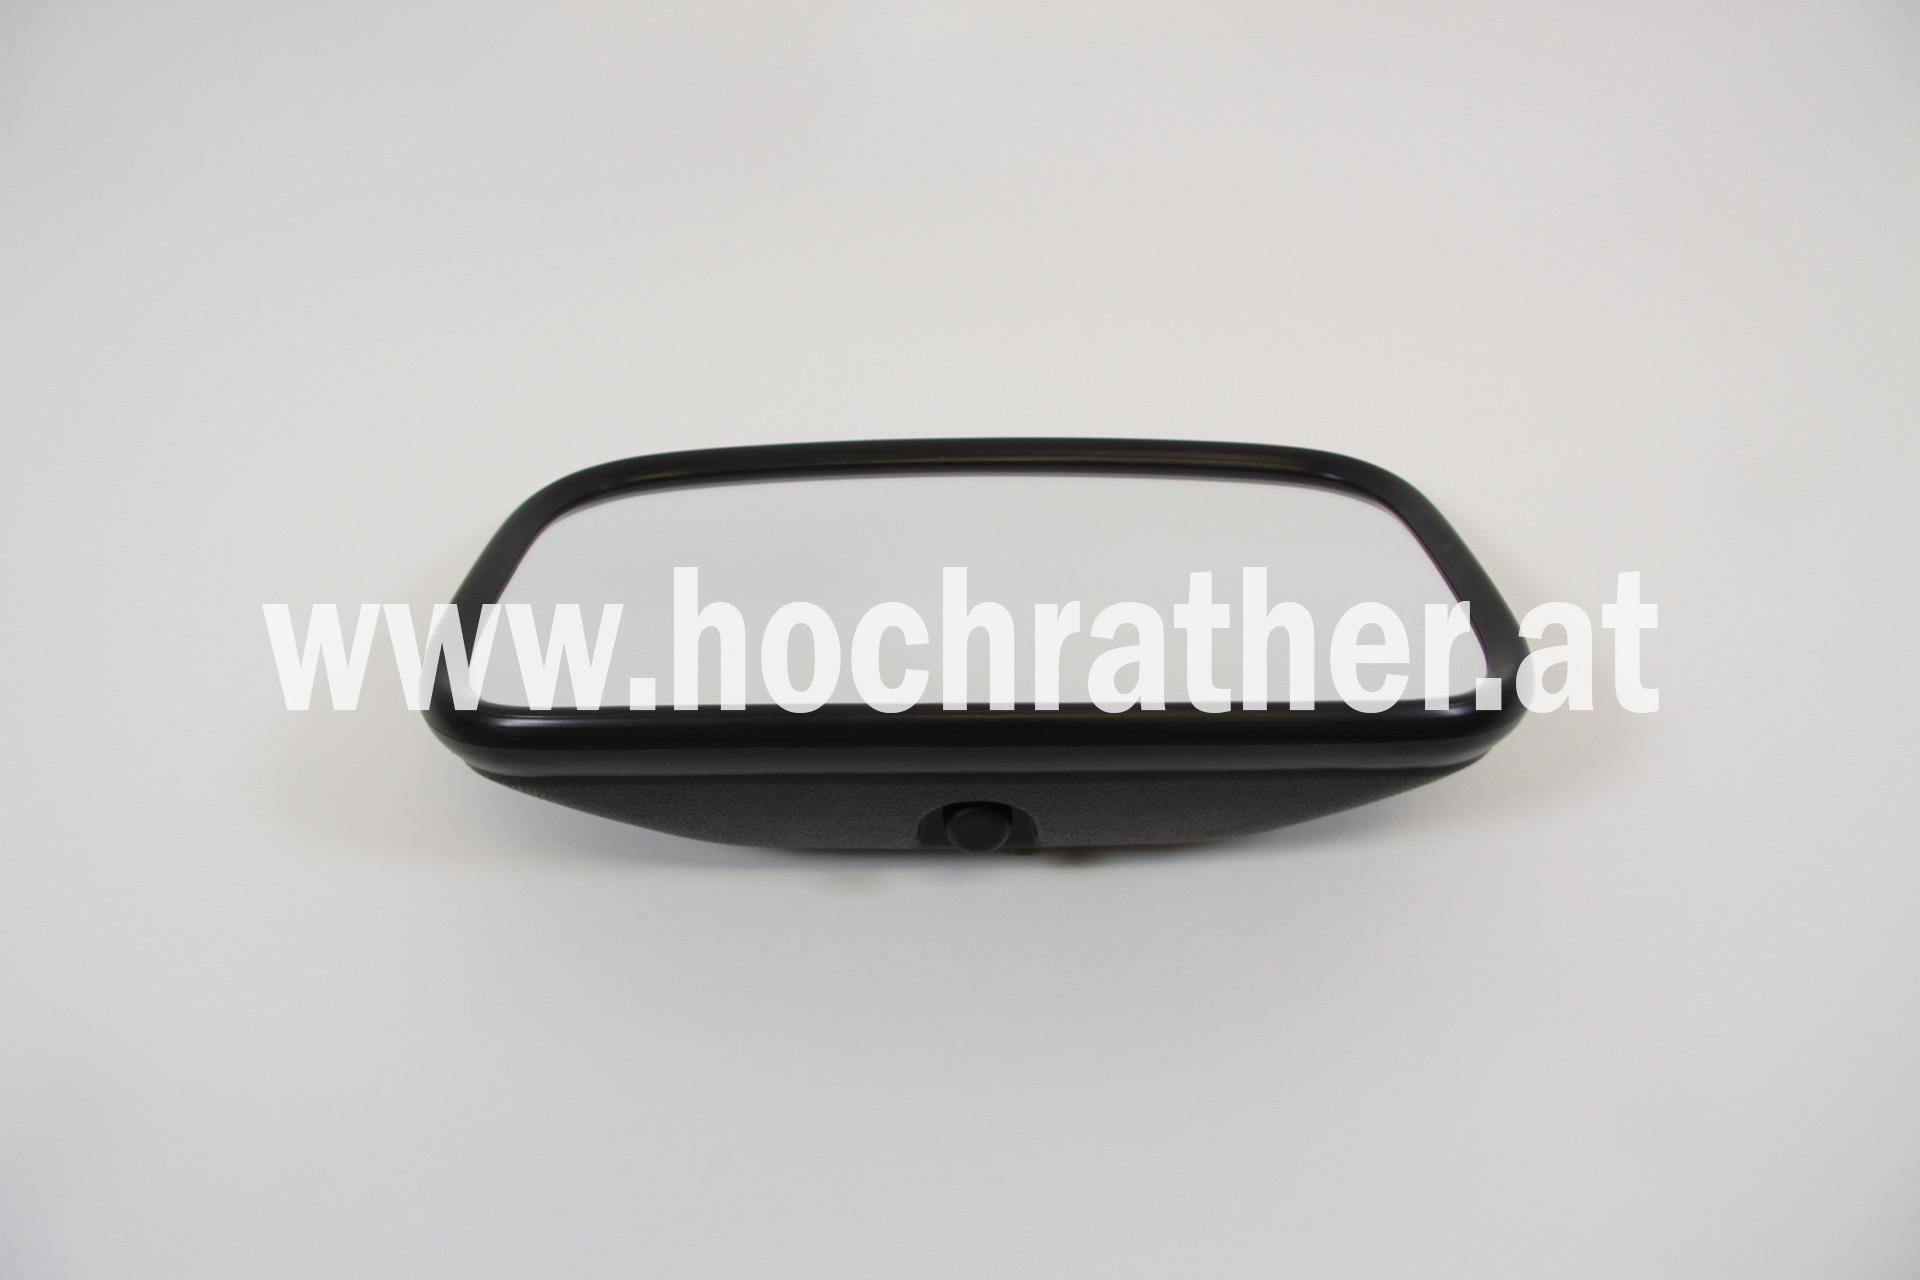 Rückspiegel Kompakt (5091914)  Case